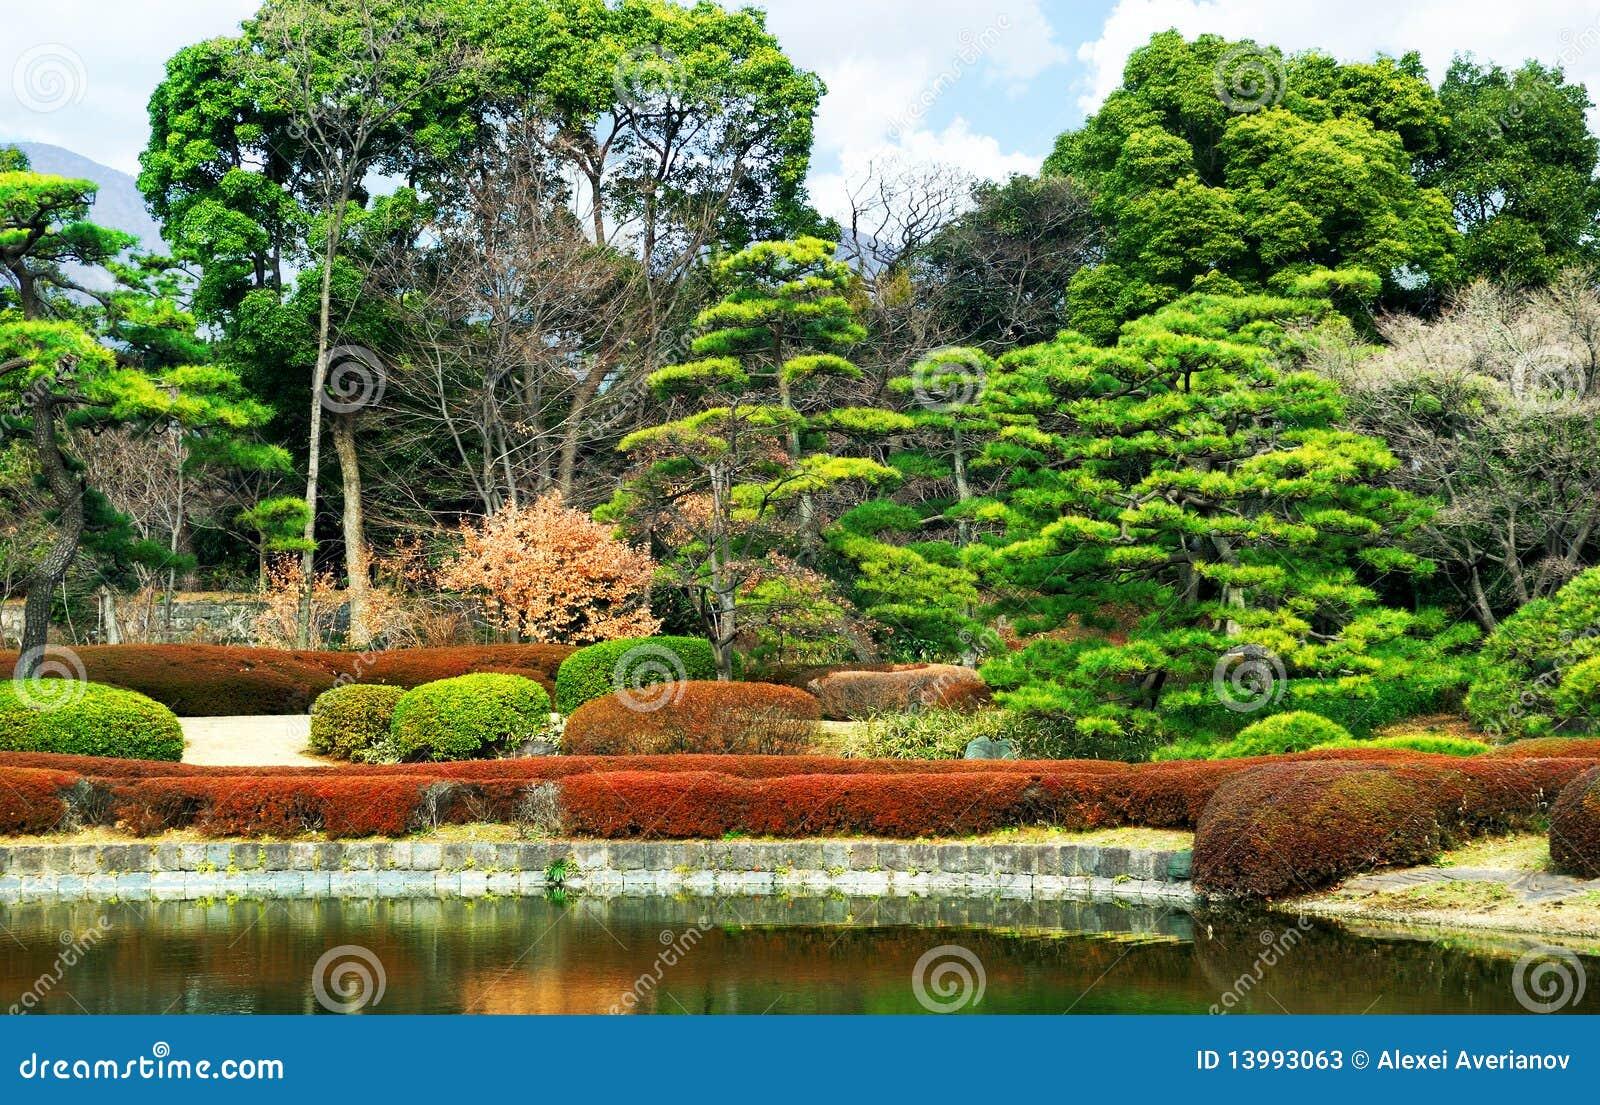 庭院日本式